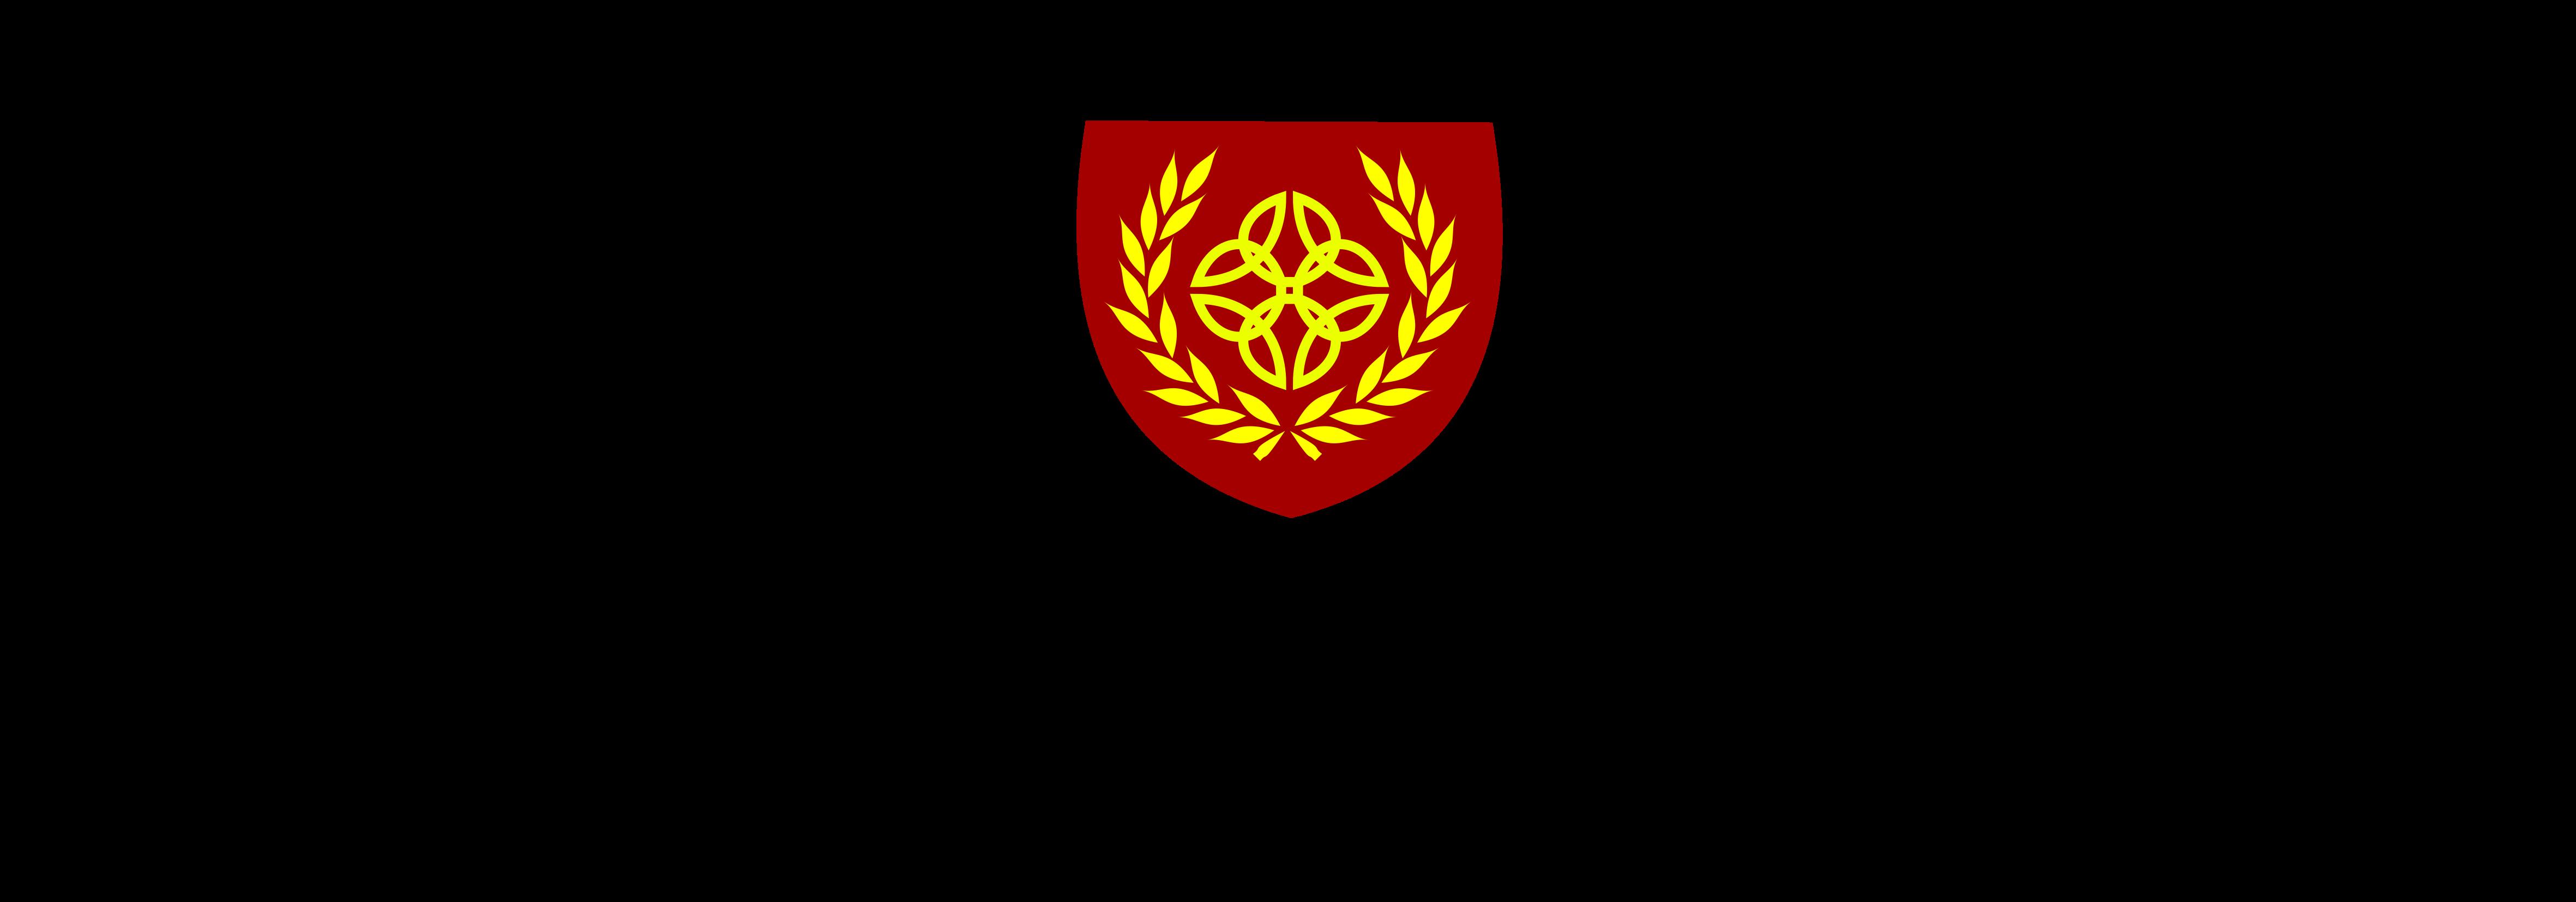 République Socialiste de Damanie